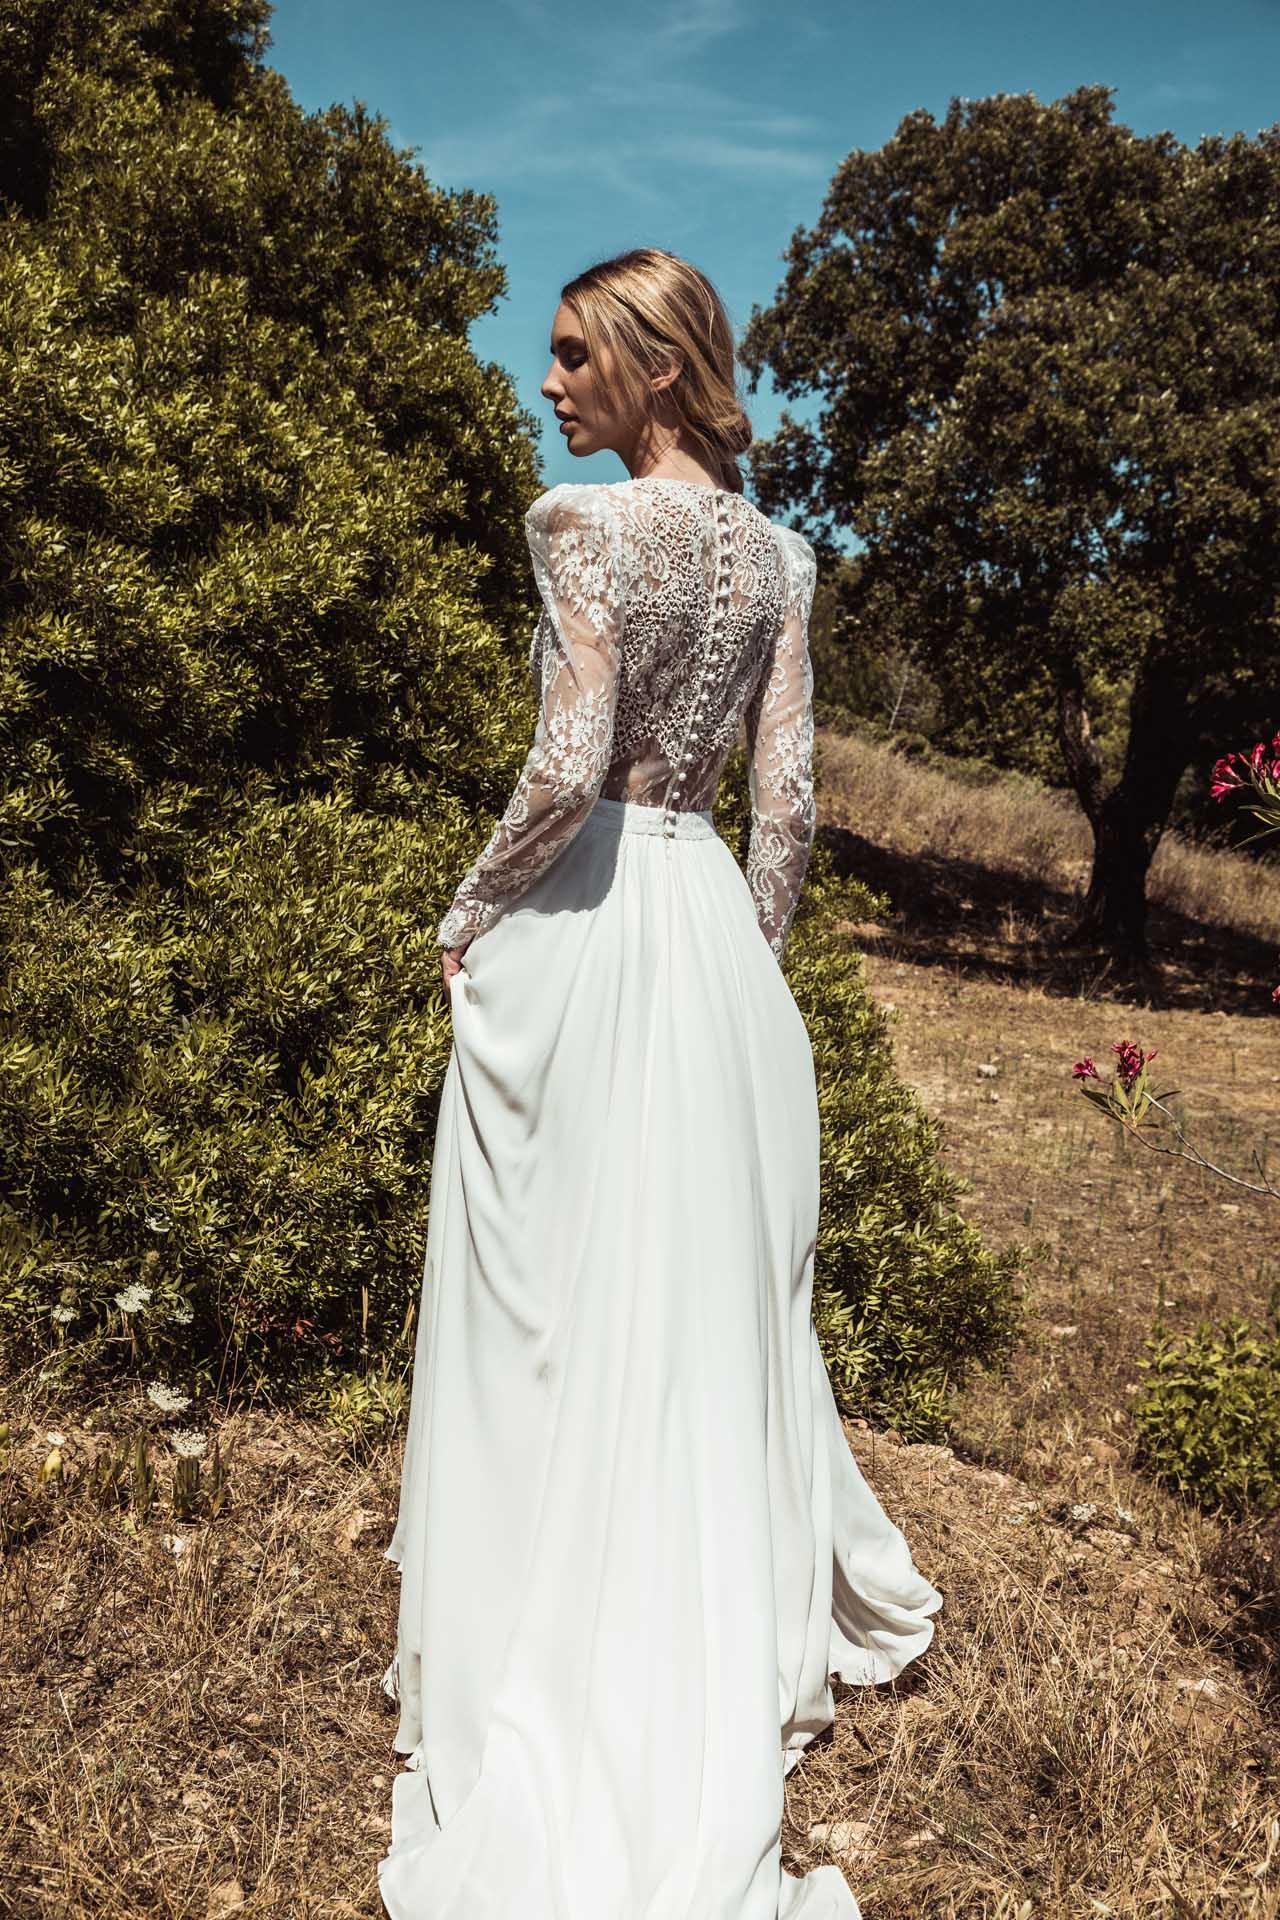 robe de mariee lyon creatrice robe de mariee sur mesure